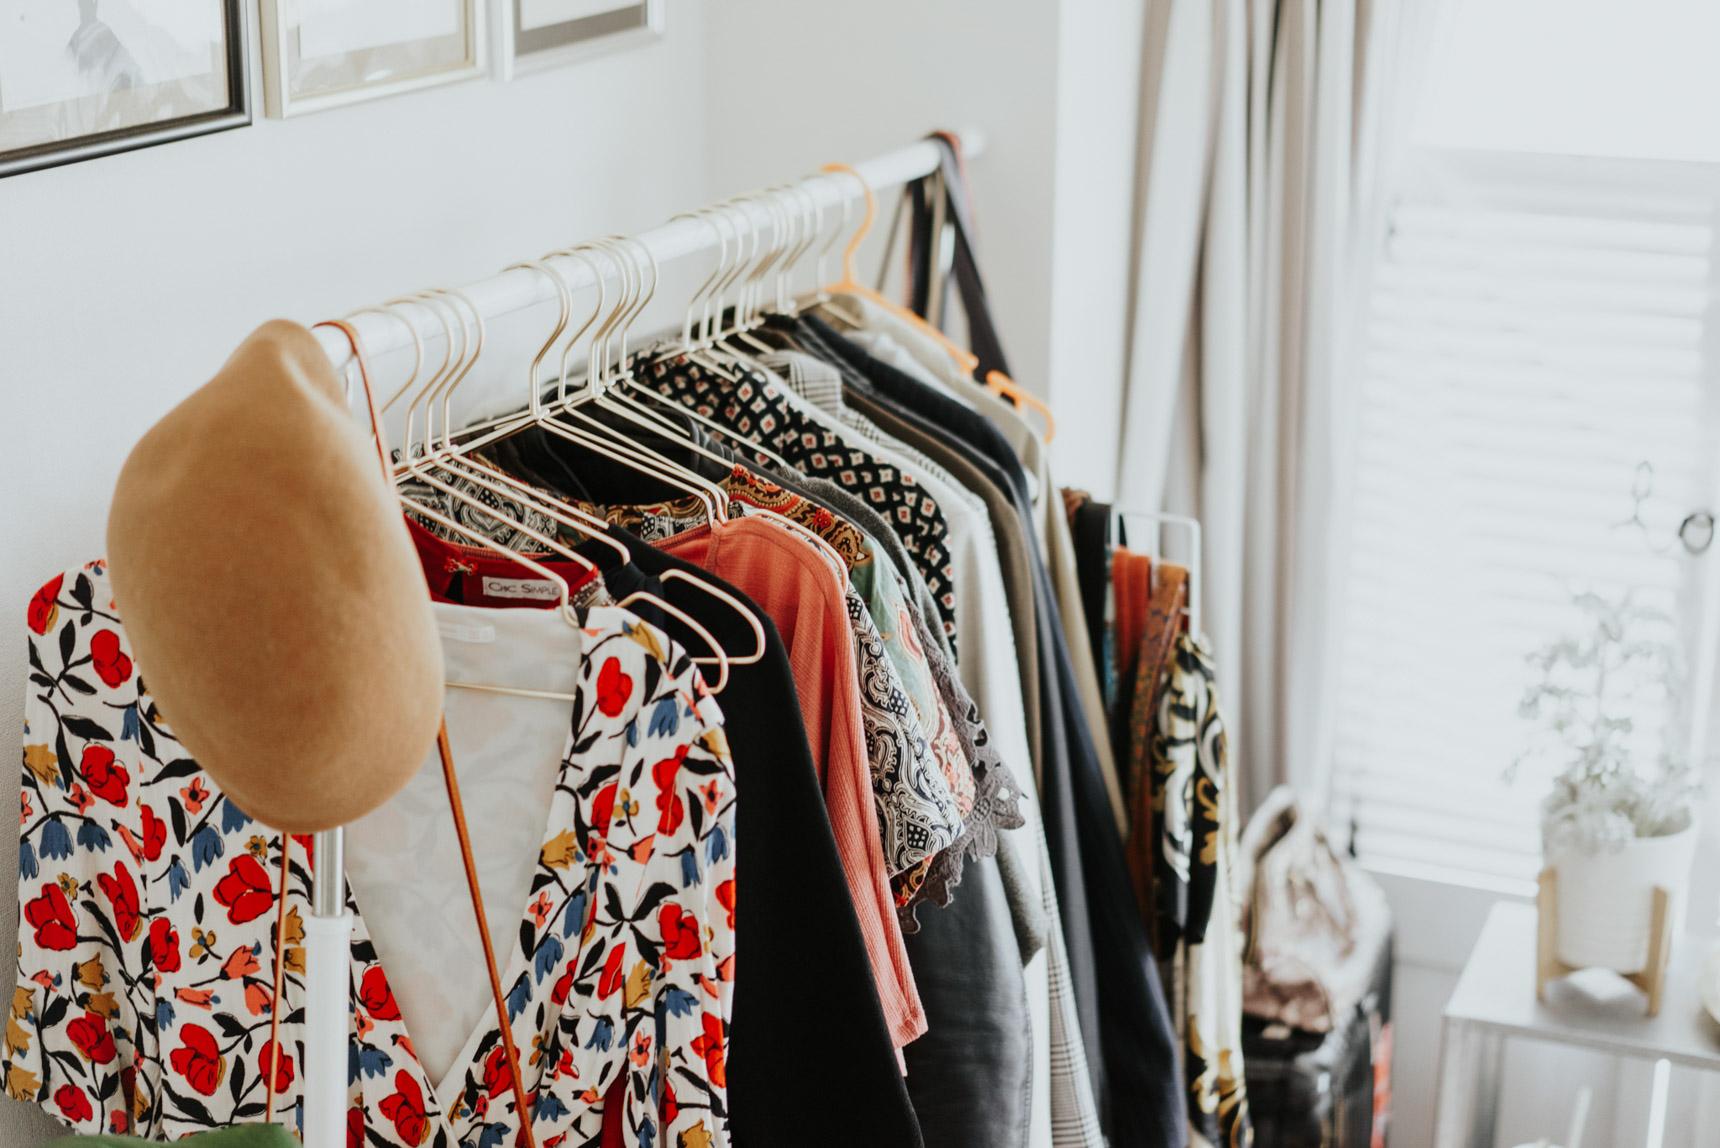 収納が足りない場合は、ハンガーラックを用意して普段よく着る服は分けるのもありです。